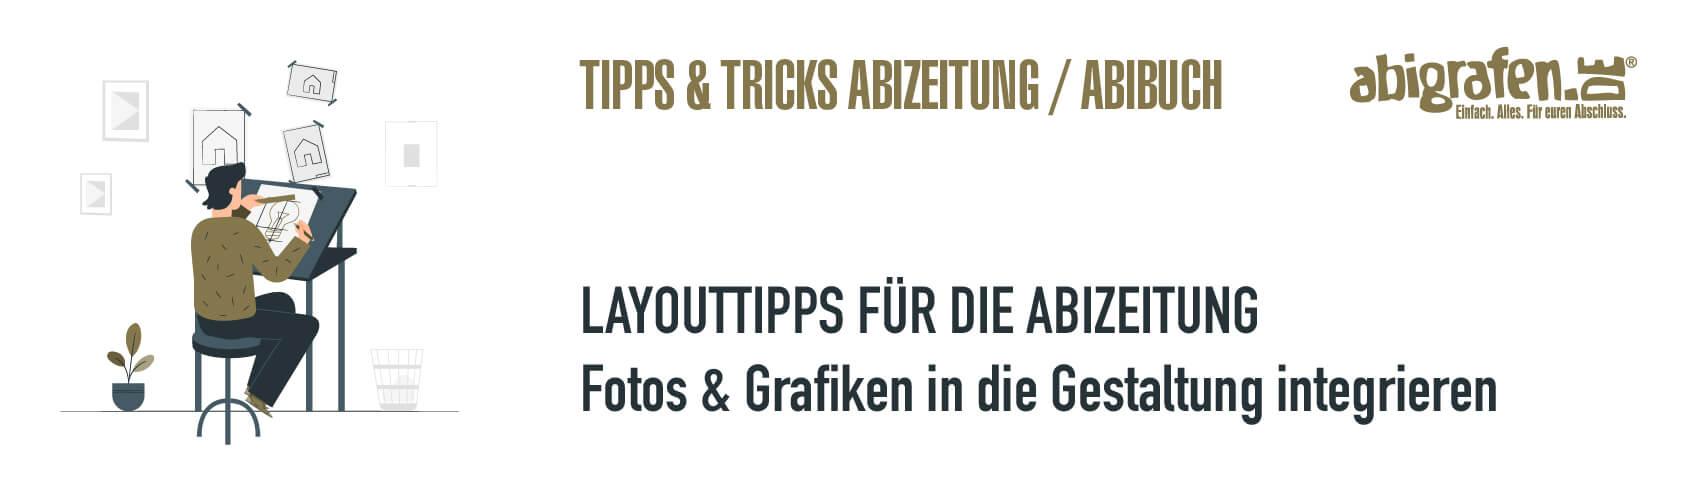 abigrafen-abizeitung-tipps-und-tricks-layout-grafiken